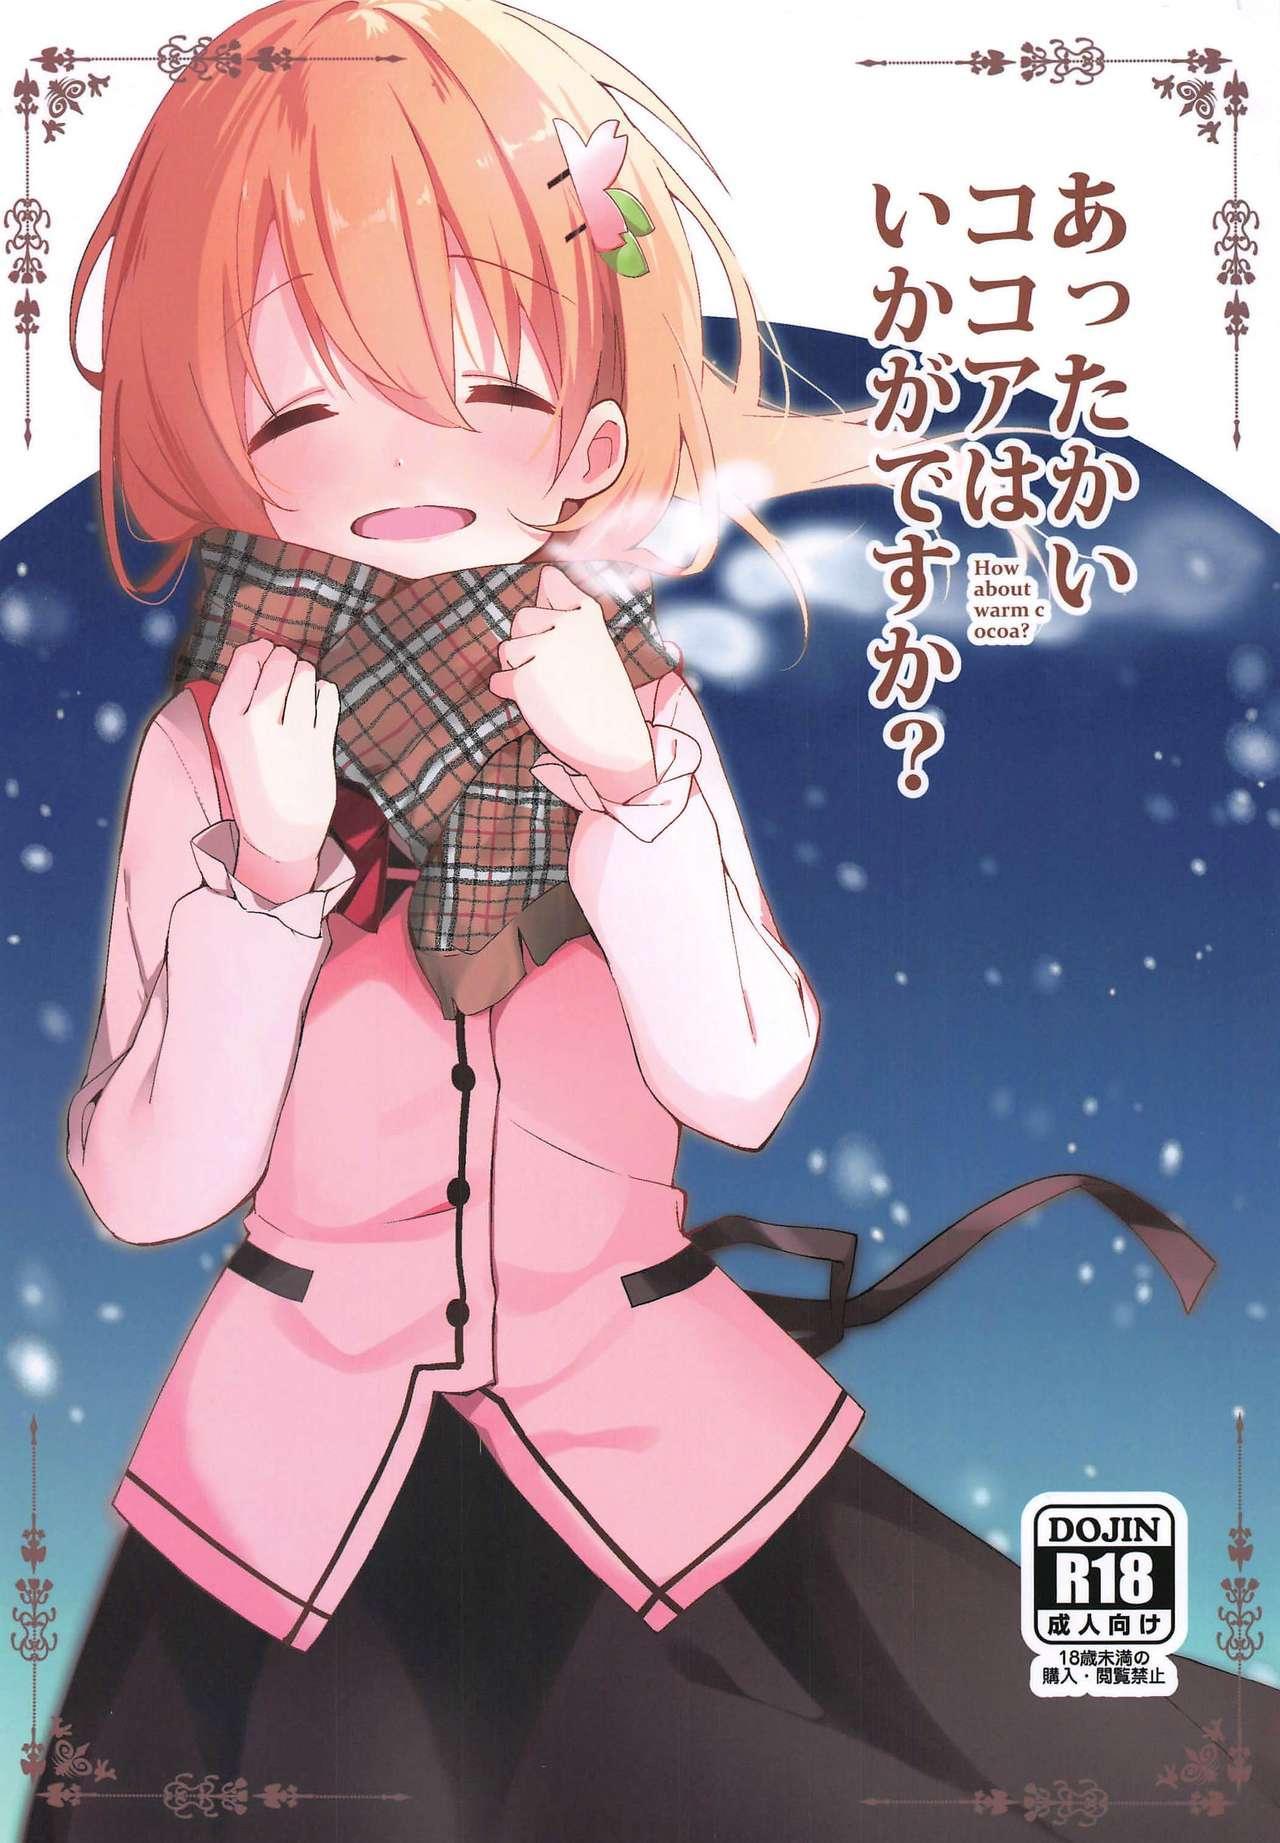 Attakai Kokoa wa Ikaga desu ka? - How about warm cocoa? 0